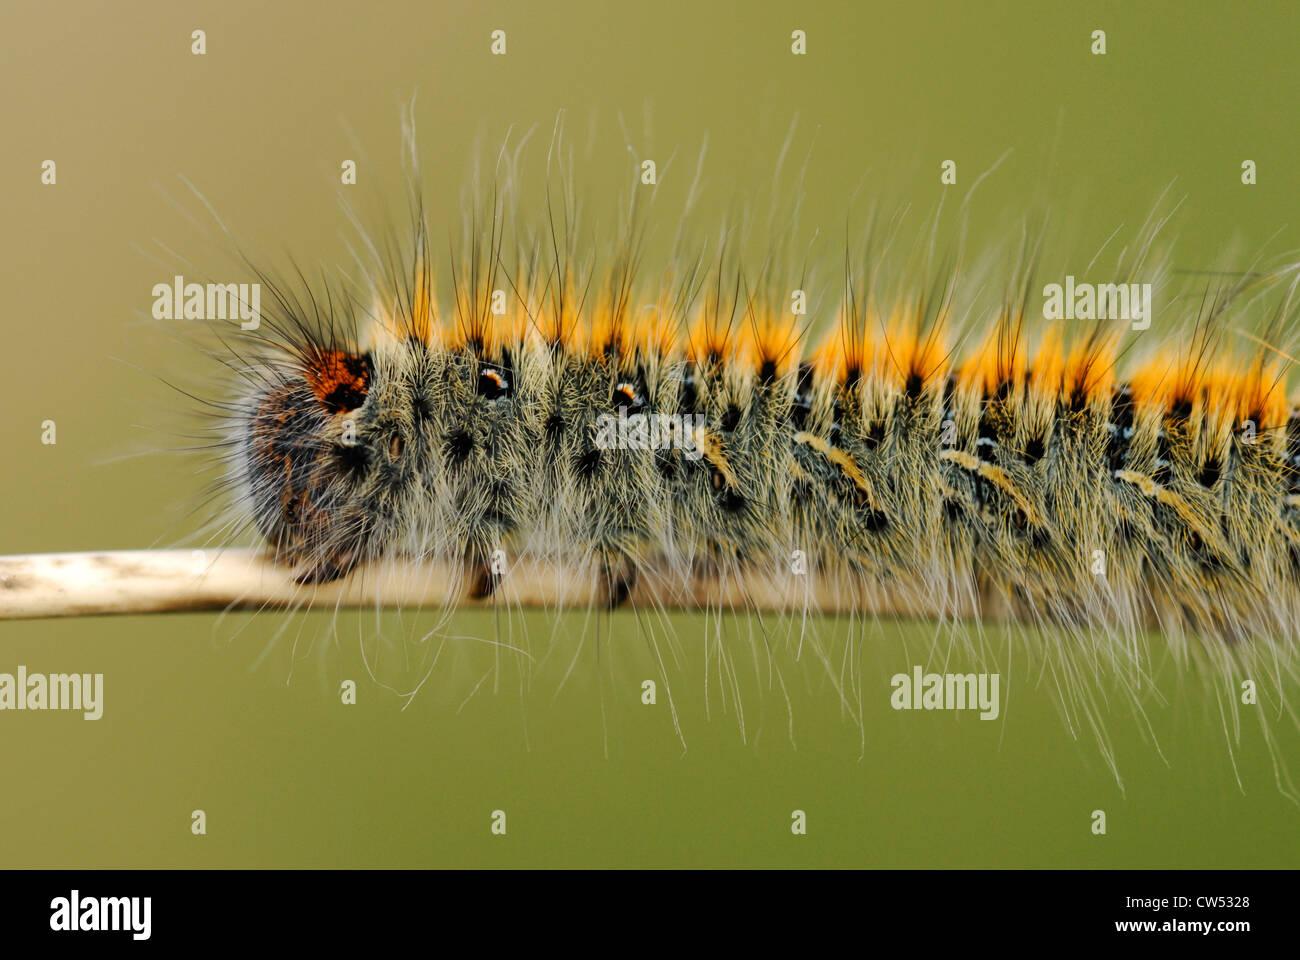 hairy caterpillar stock photos u0026 hairy caterpillar stock images